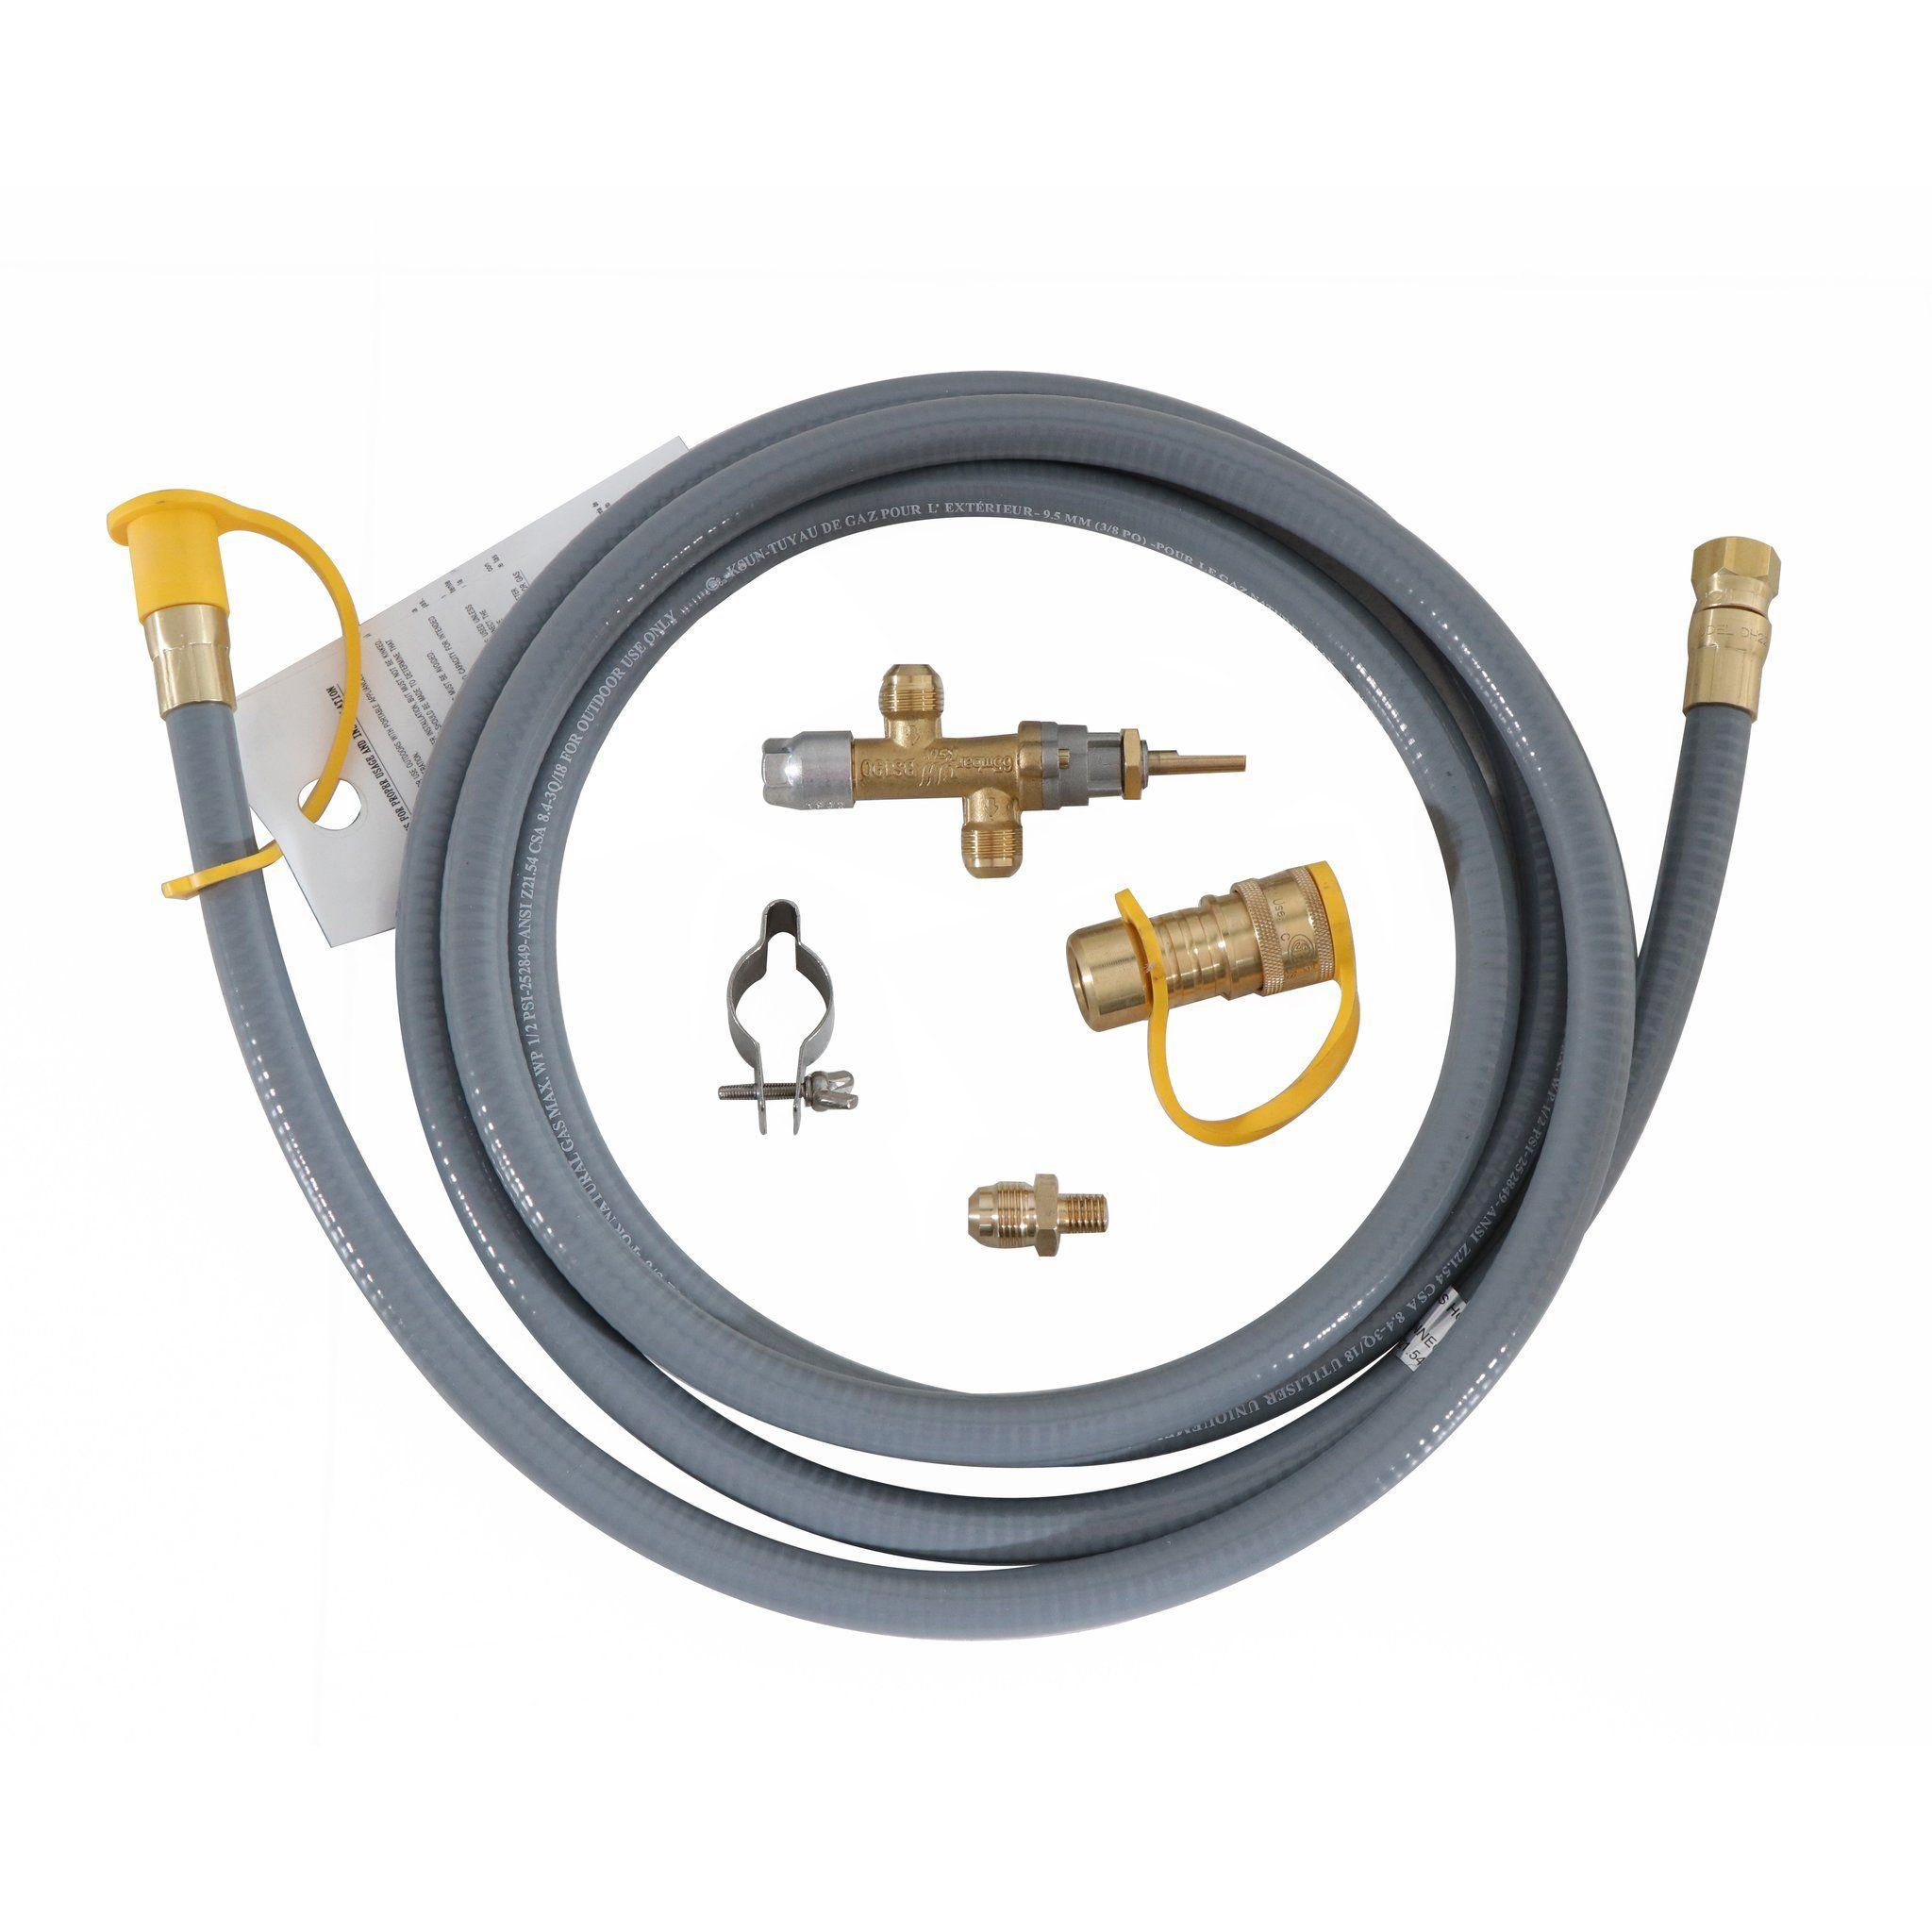 Natural Gas Conversion Kit 40 000 Btu Compatibility Fire Pit